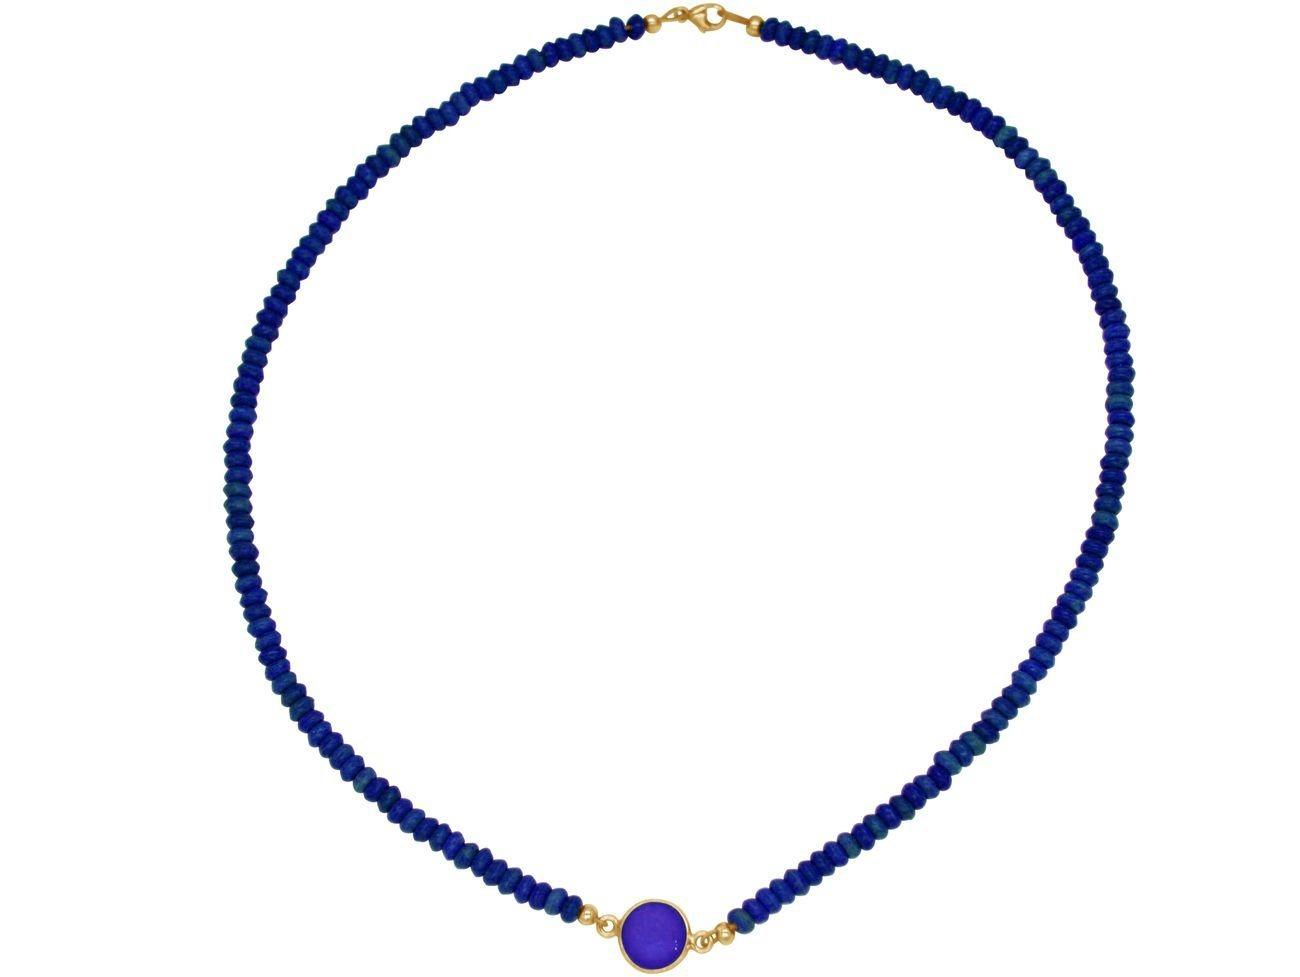 gemshine -  Collier »Choker blauer Saphir und Lapis Lazuli«, Made in Germany